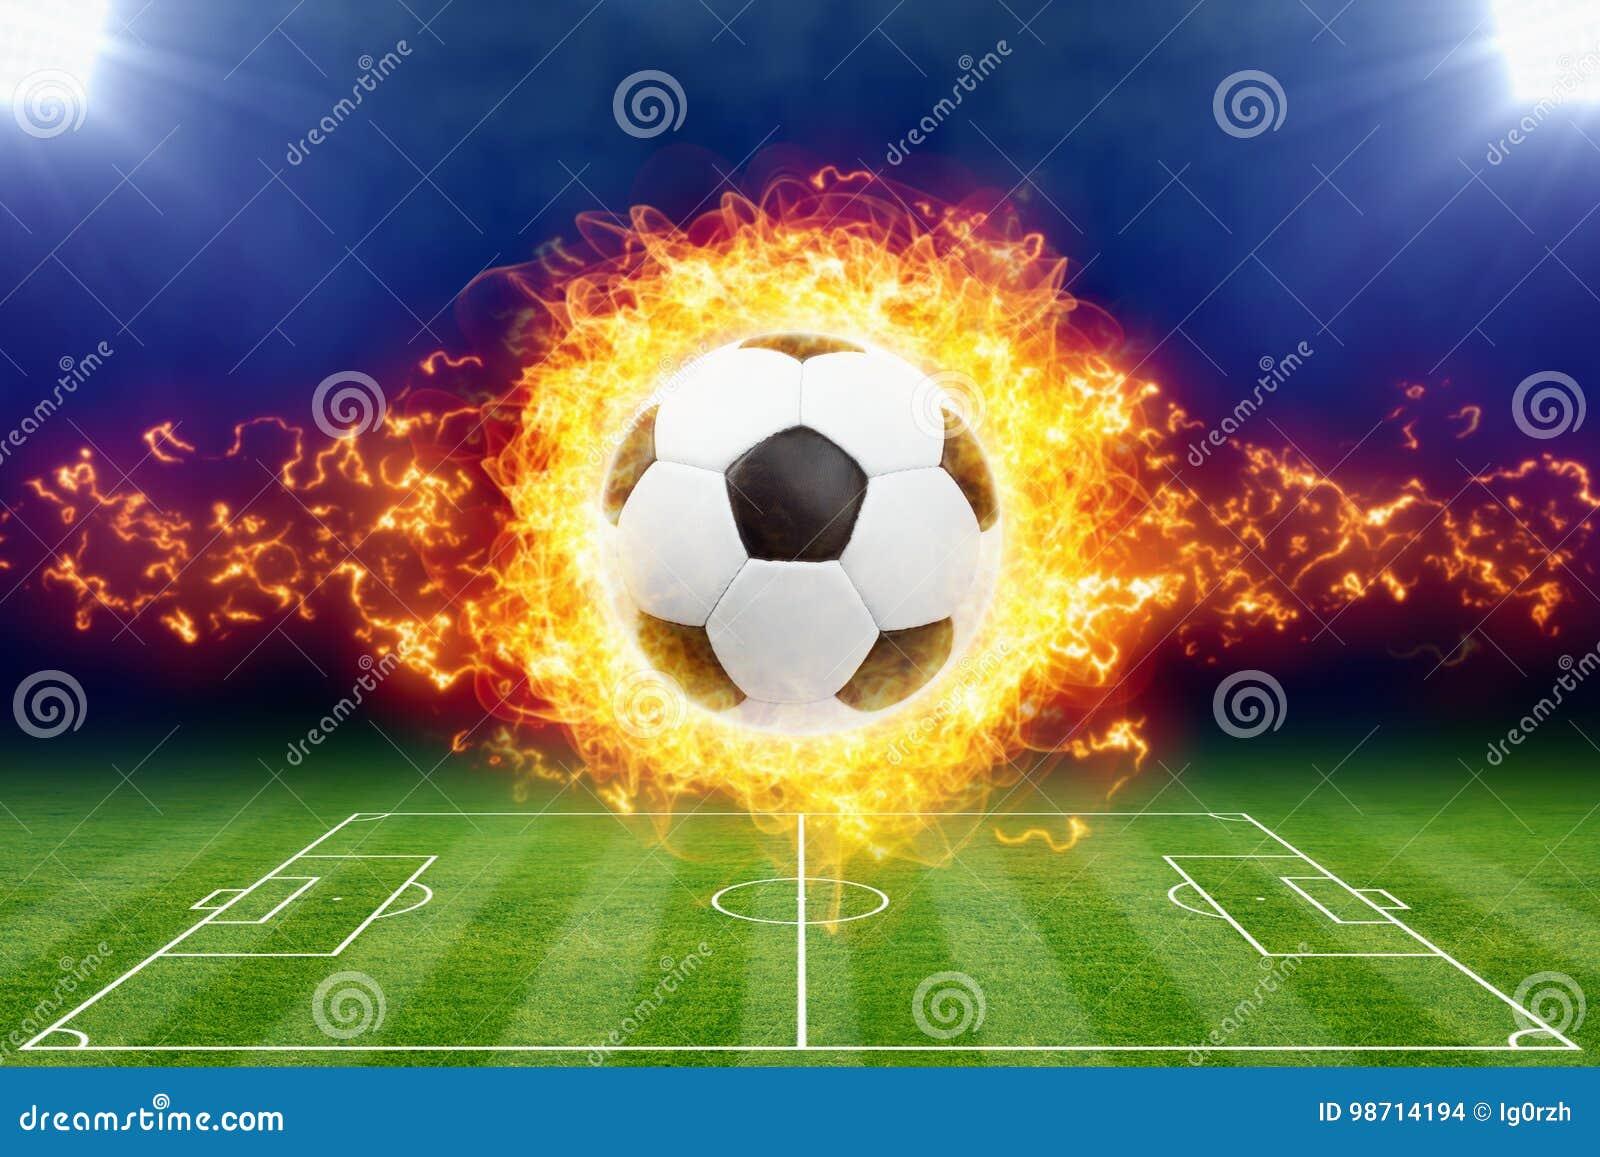 Горящий футбольный мяч над зеленым футбольным стадионом